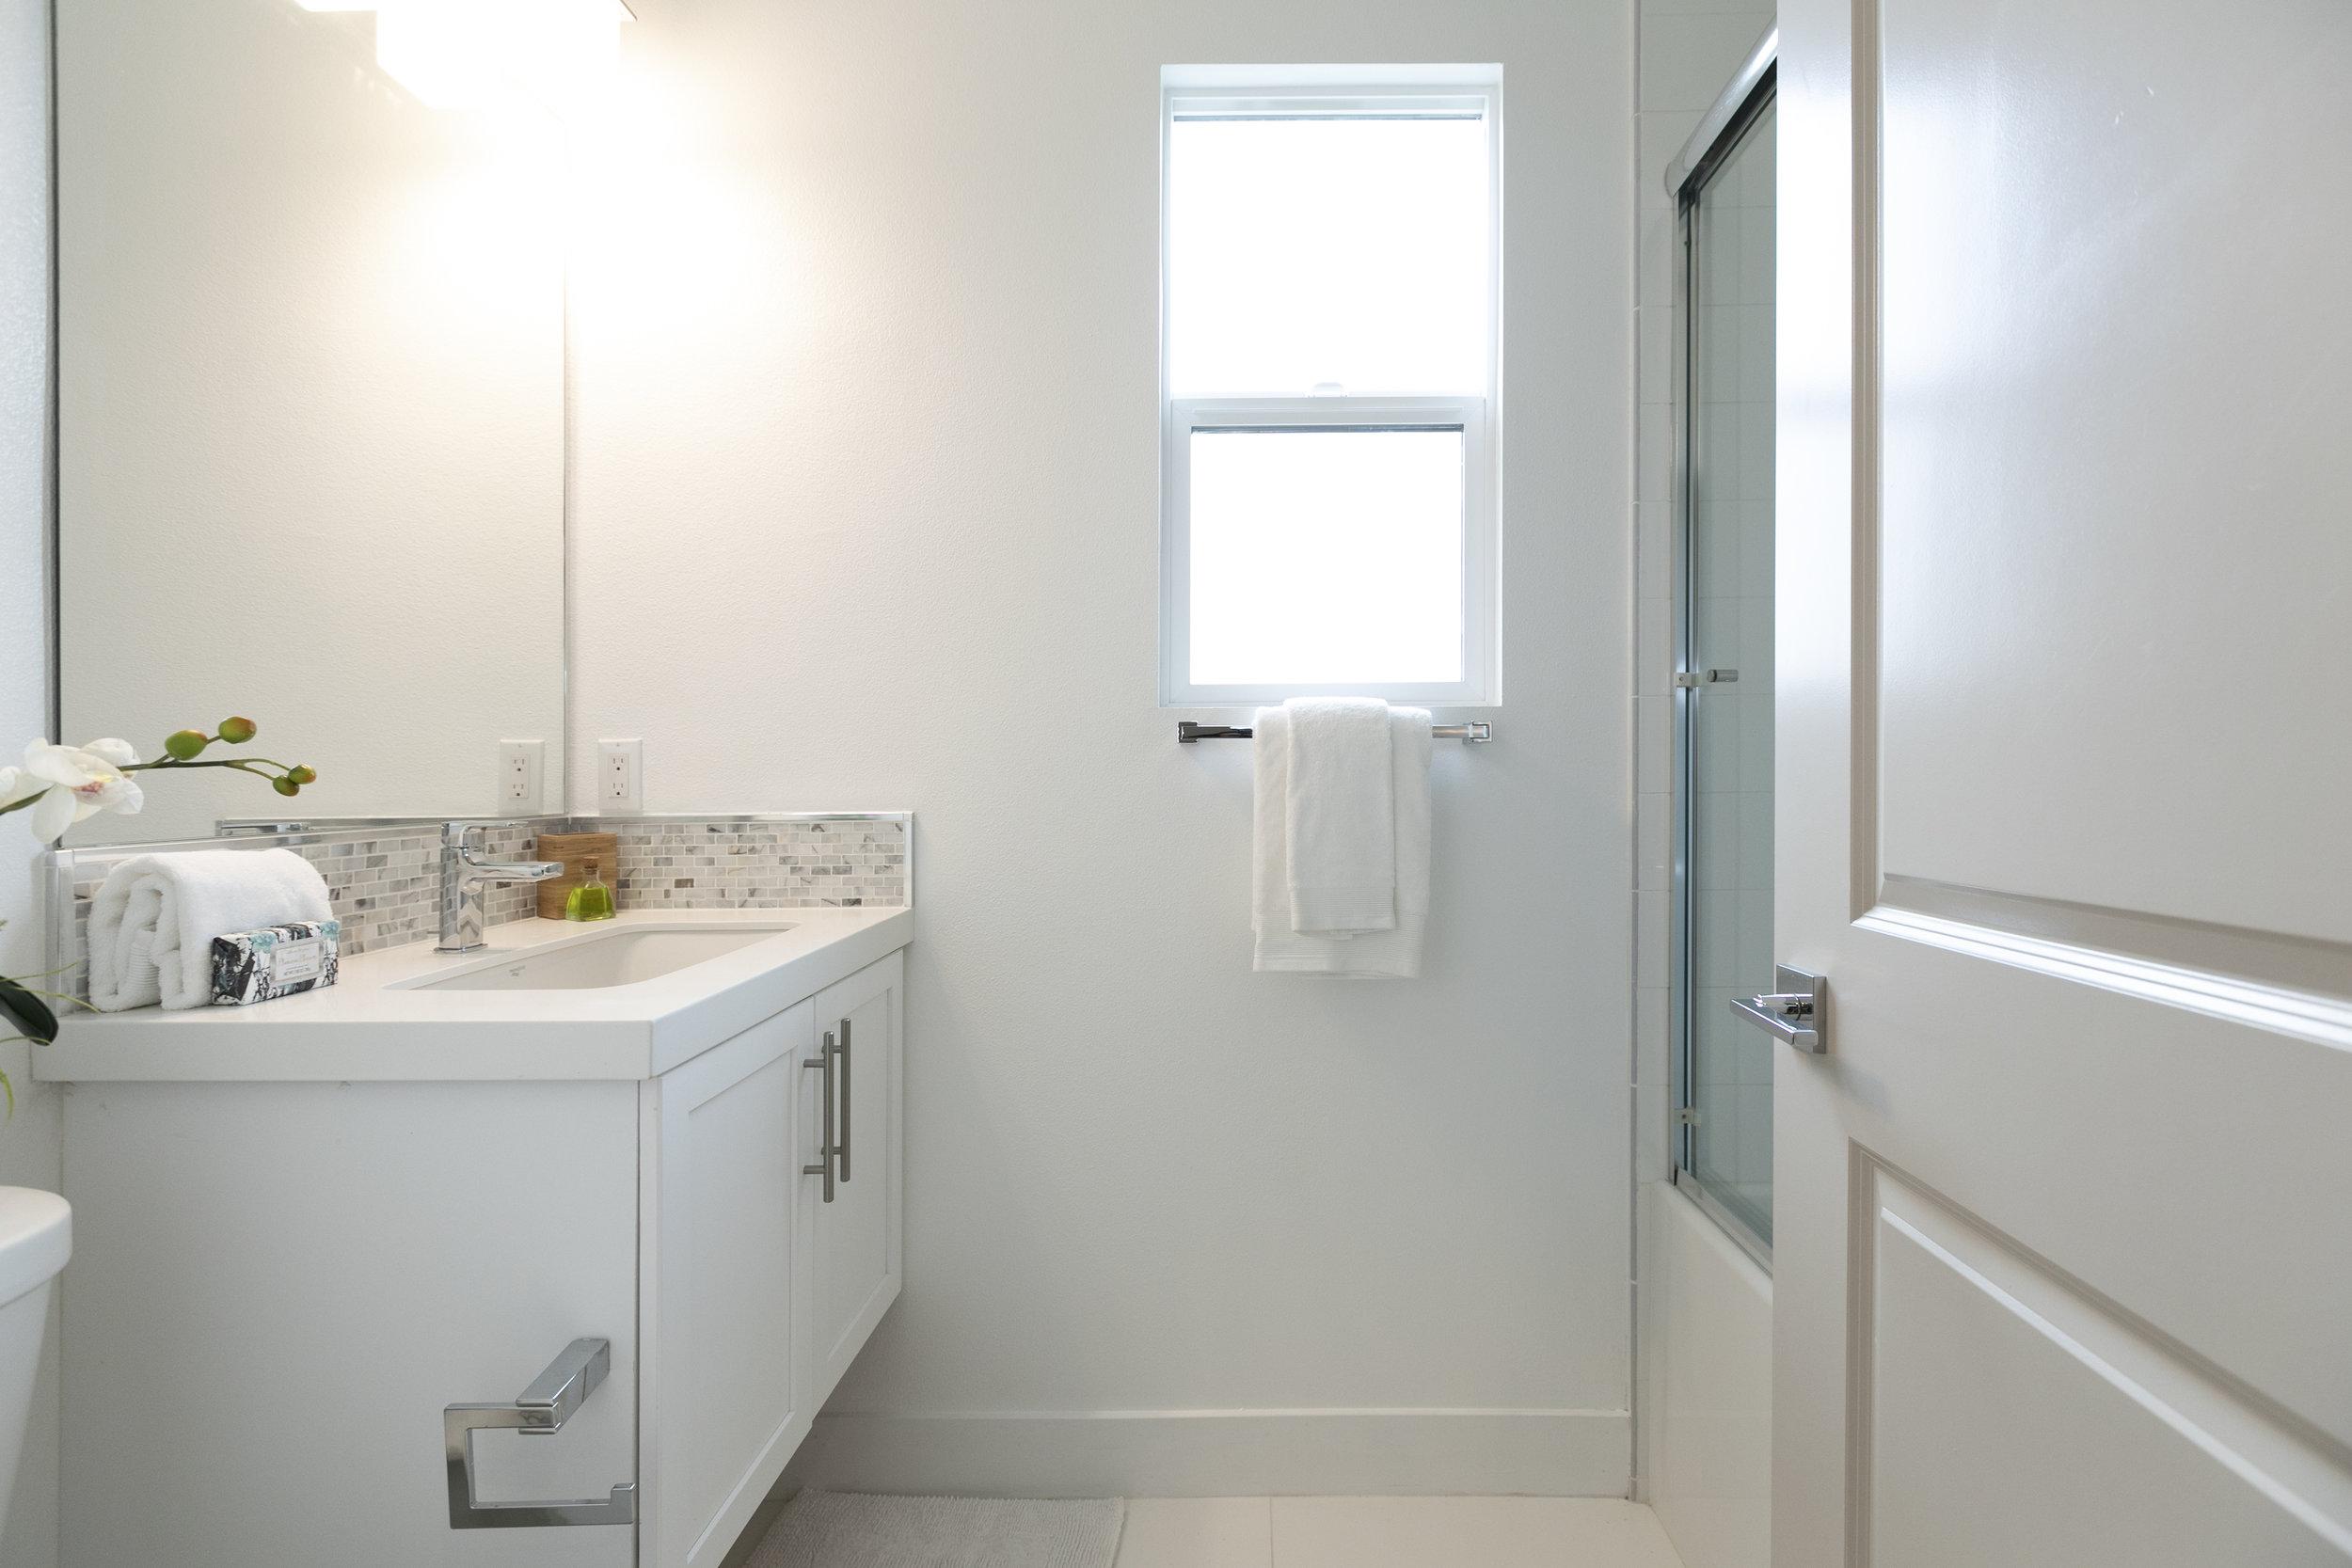 Home #12 - 3 BED | 3.5 BATH | 1882 SF